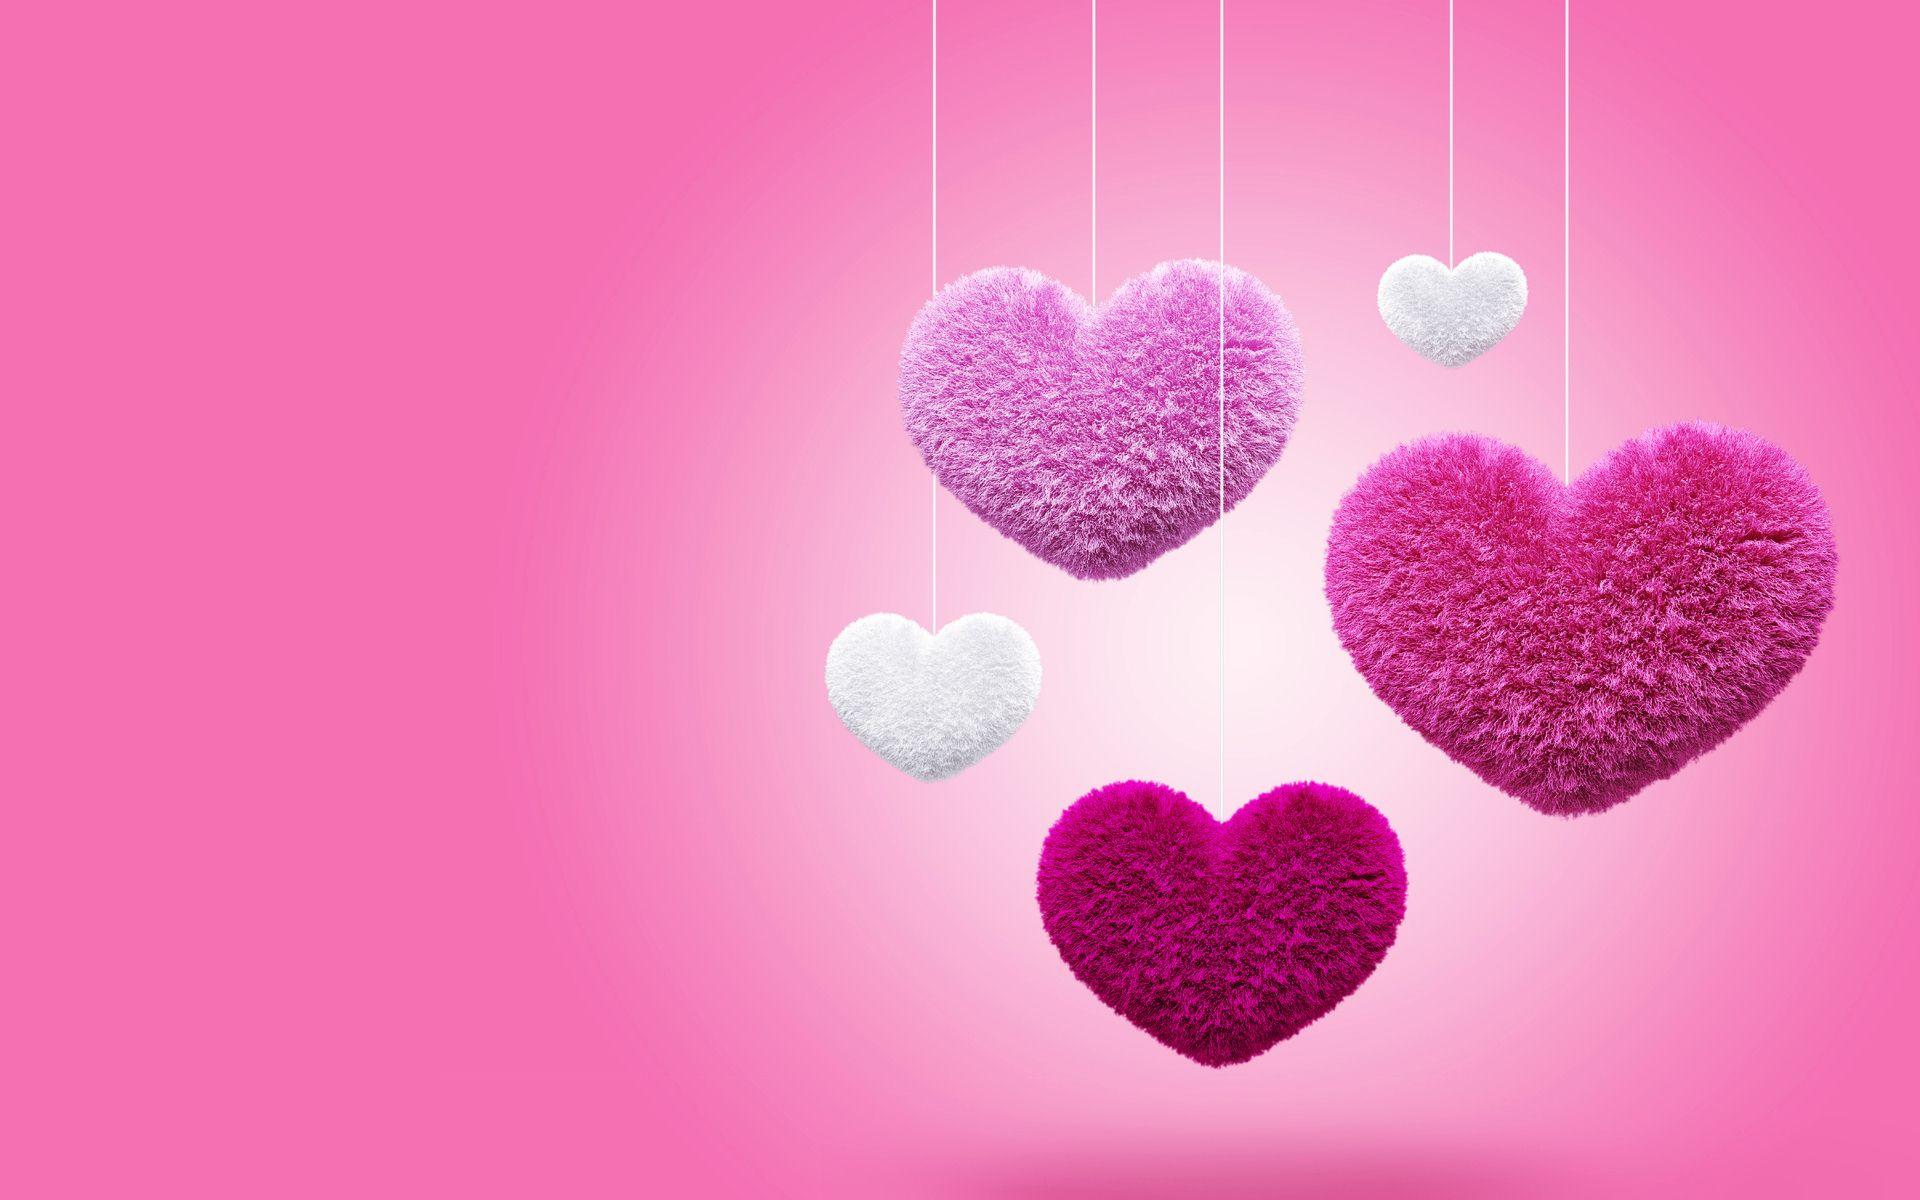 3D Love Heart 17 High Resolution Wallpaper